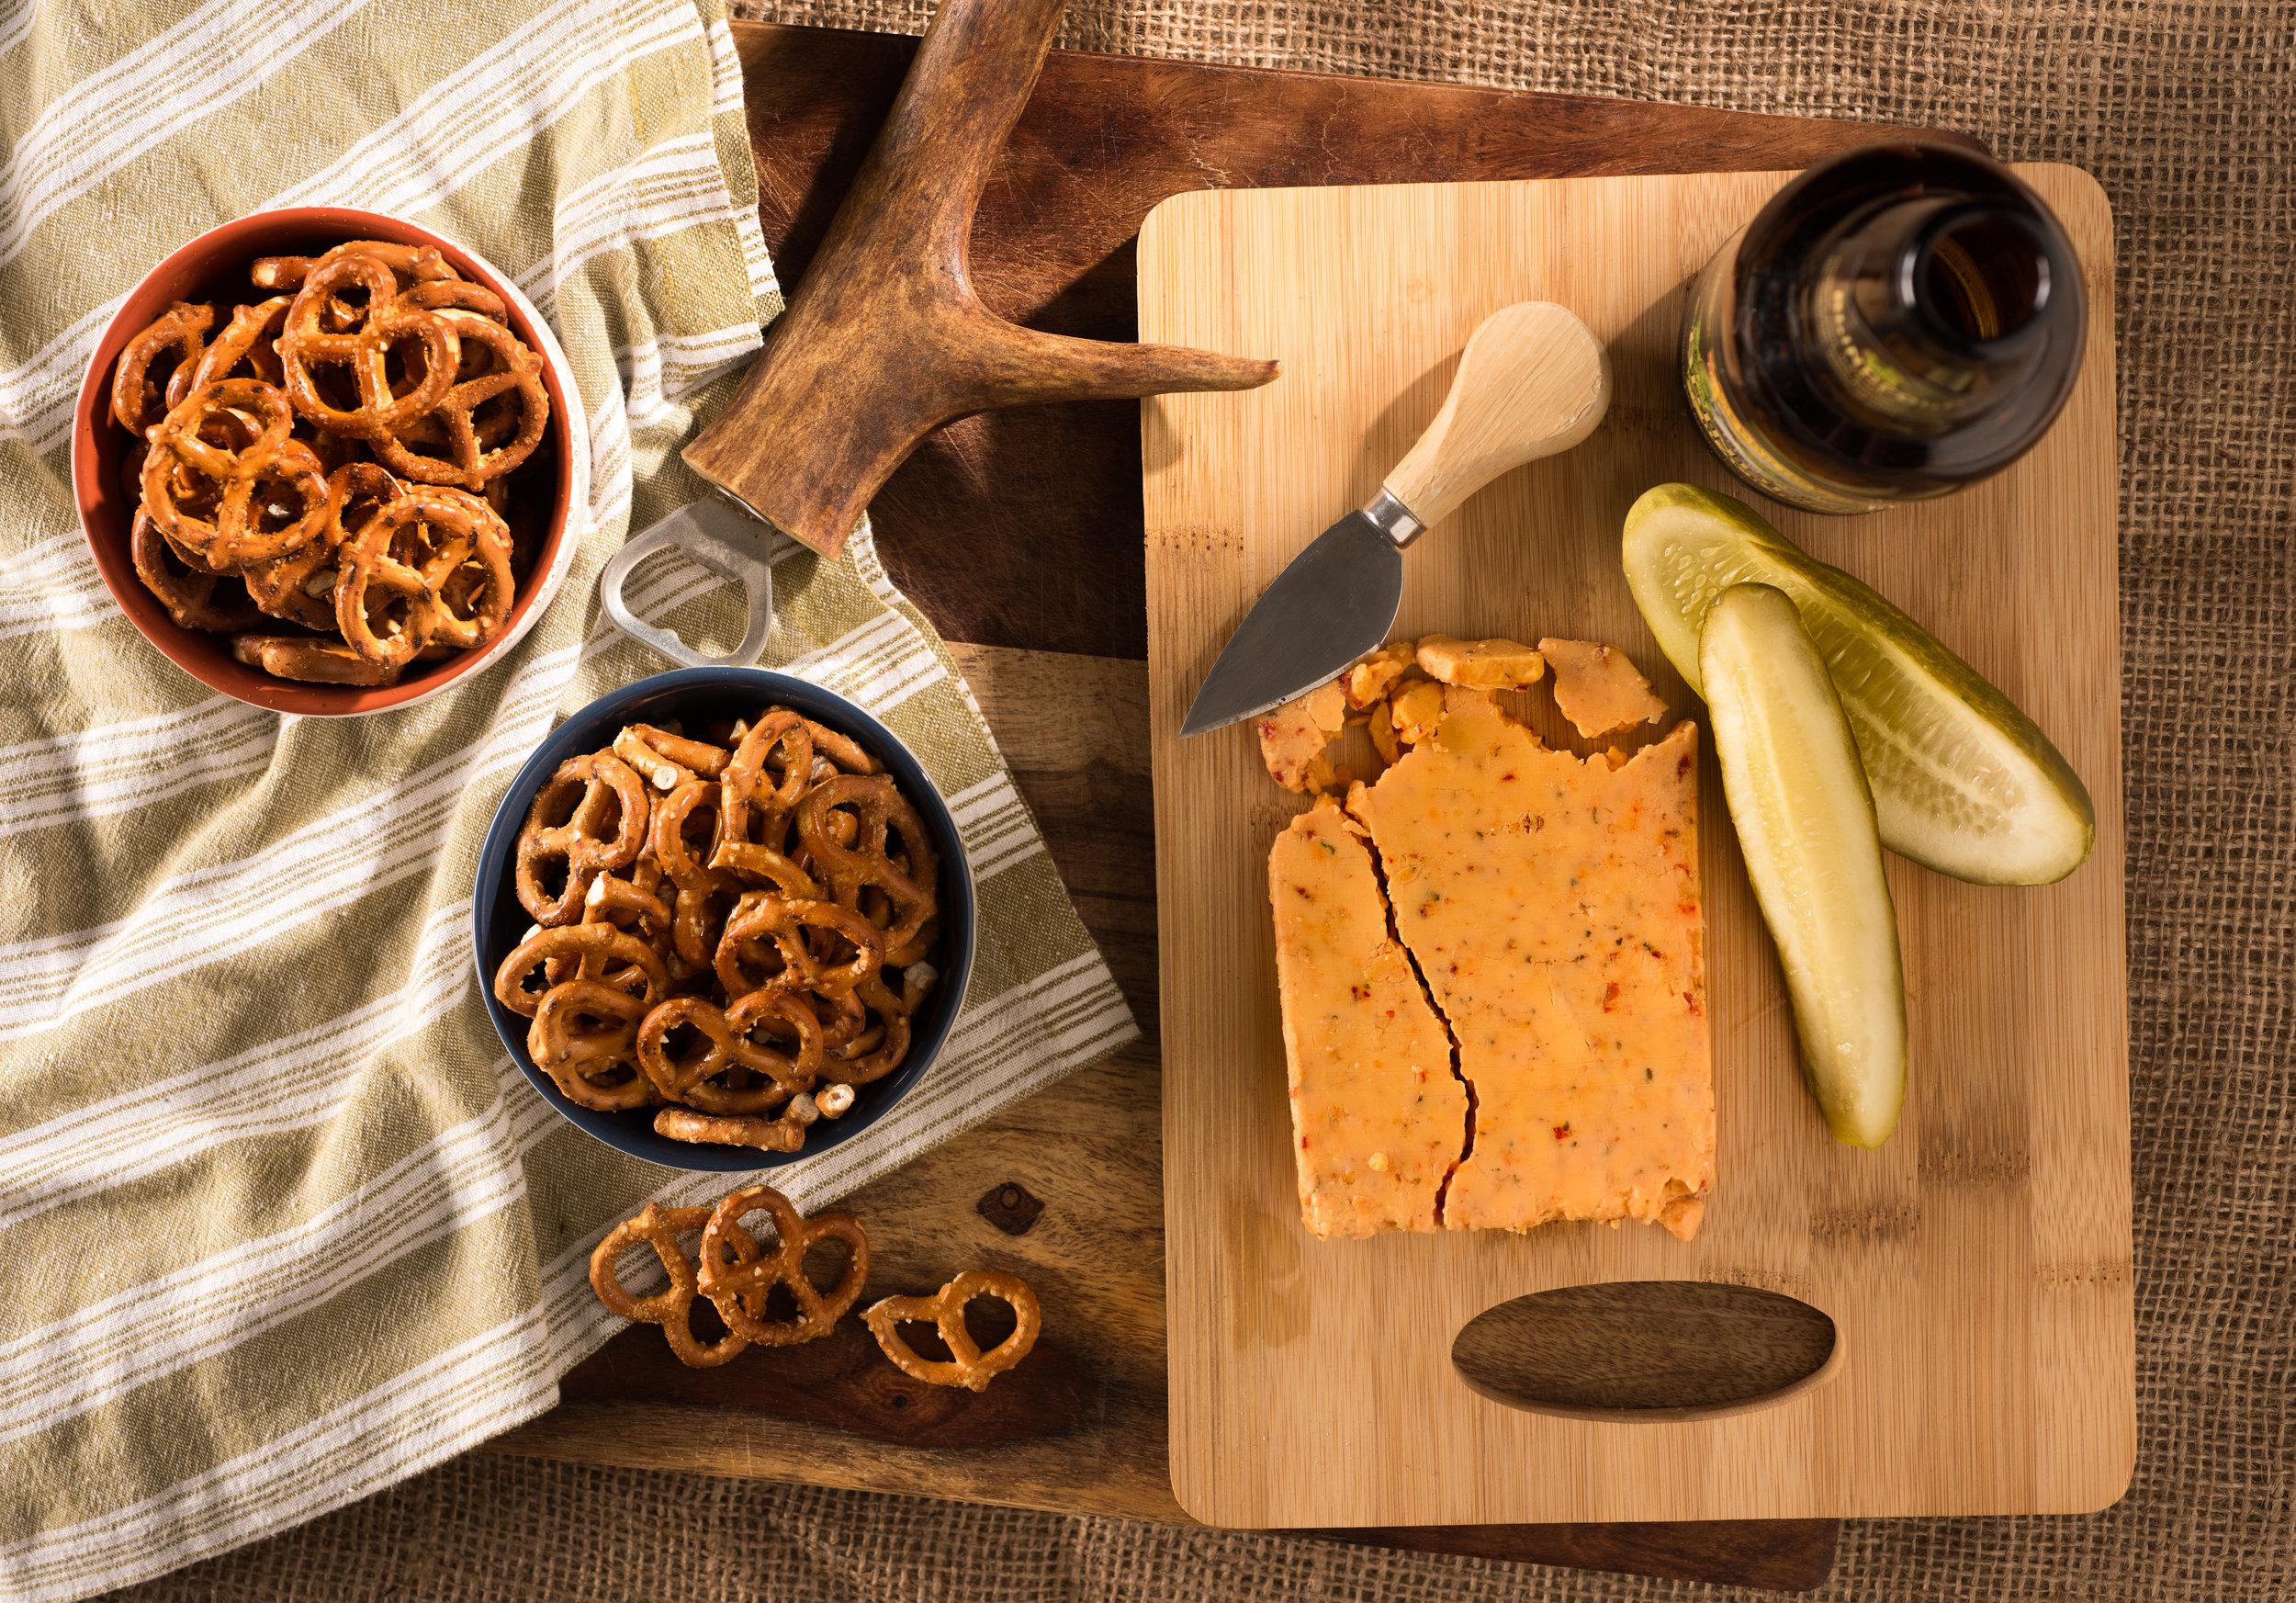 Flavored Pretzels with Cheese, Pickles, Beer 20150414-pretzelphoria-_DEZ6161-Edit.jpg